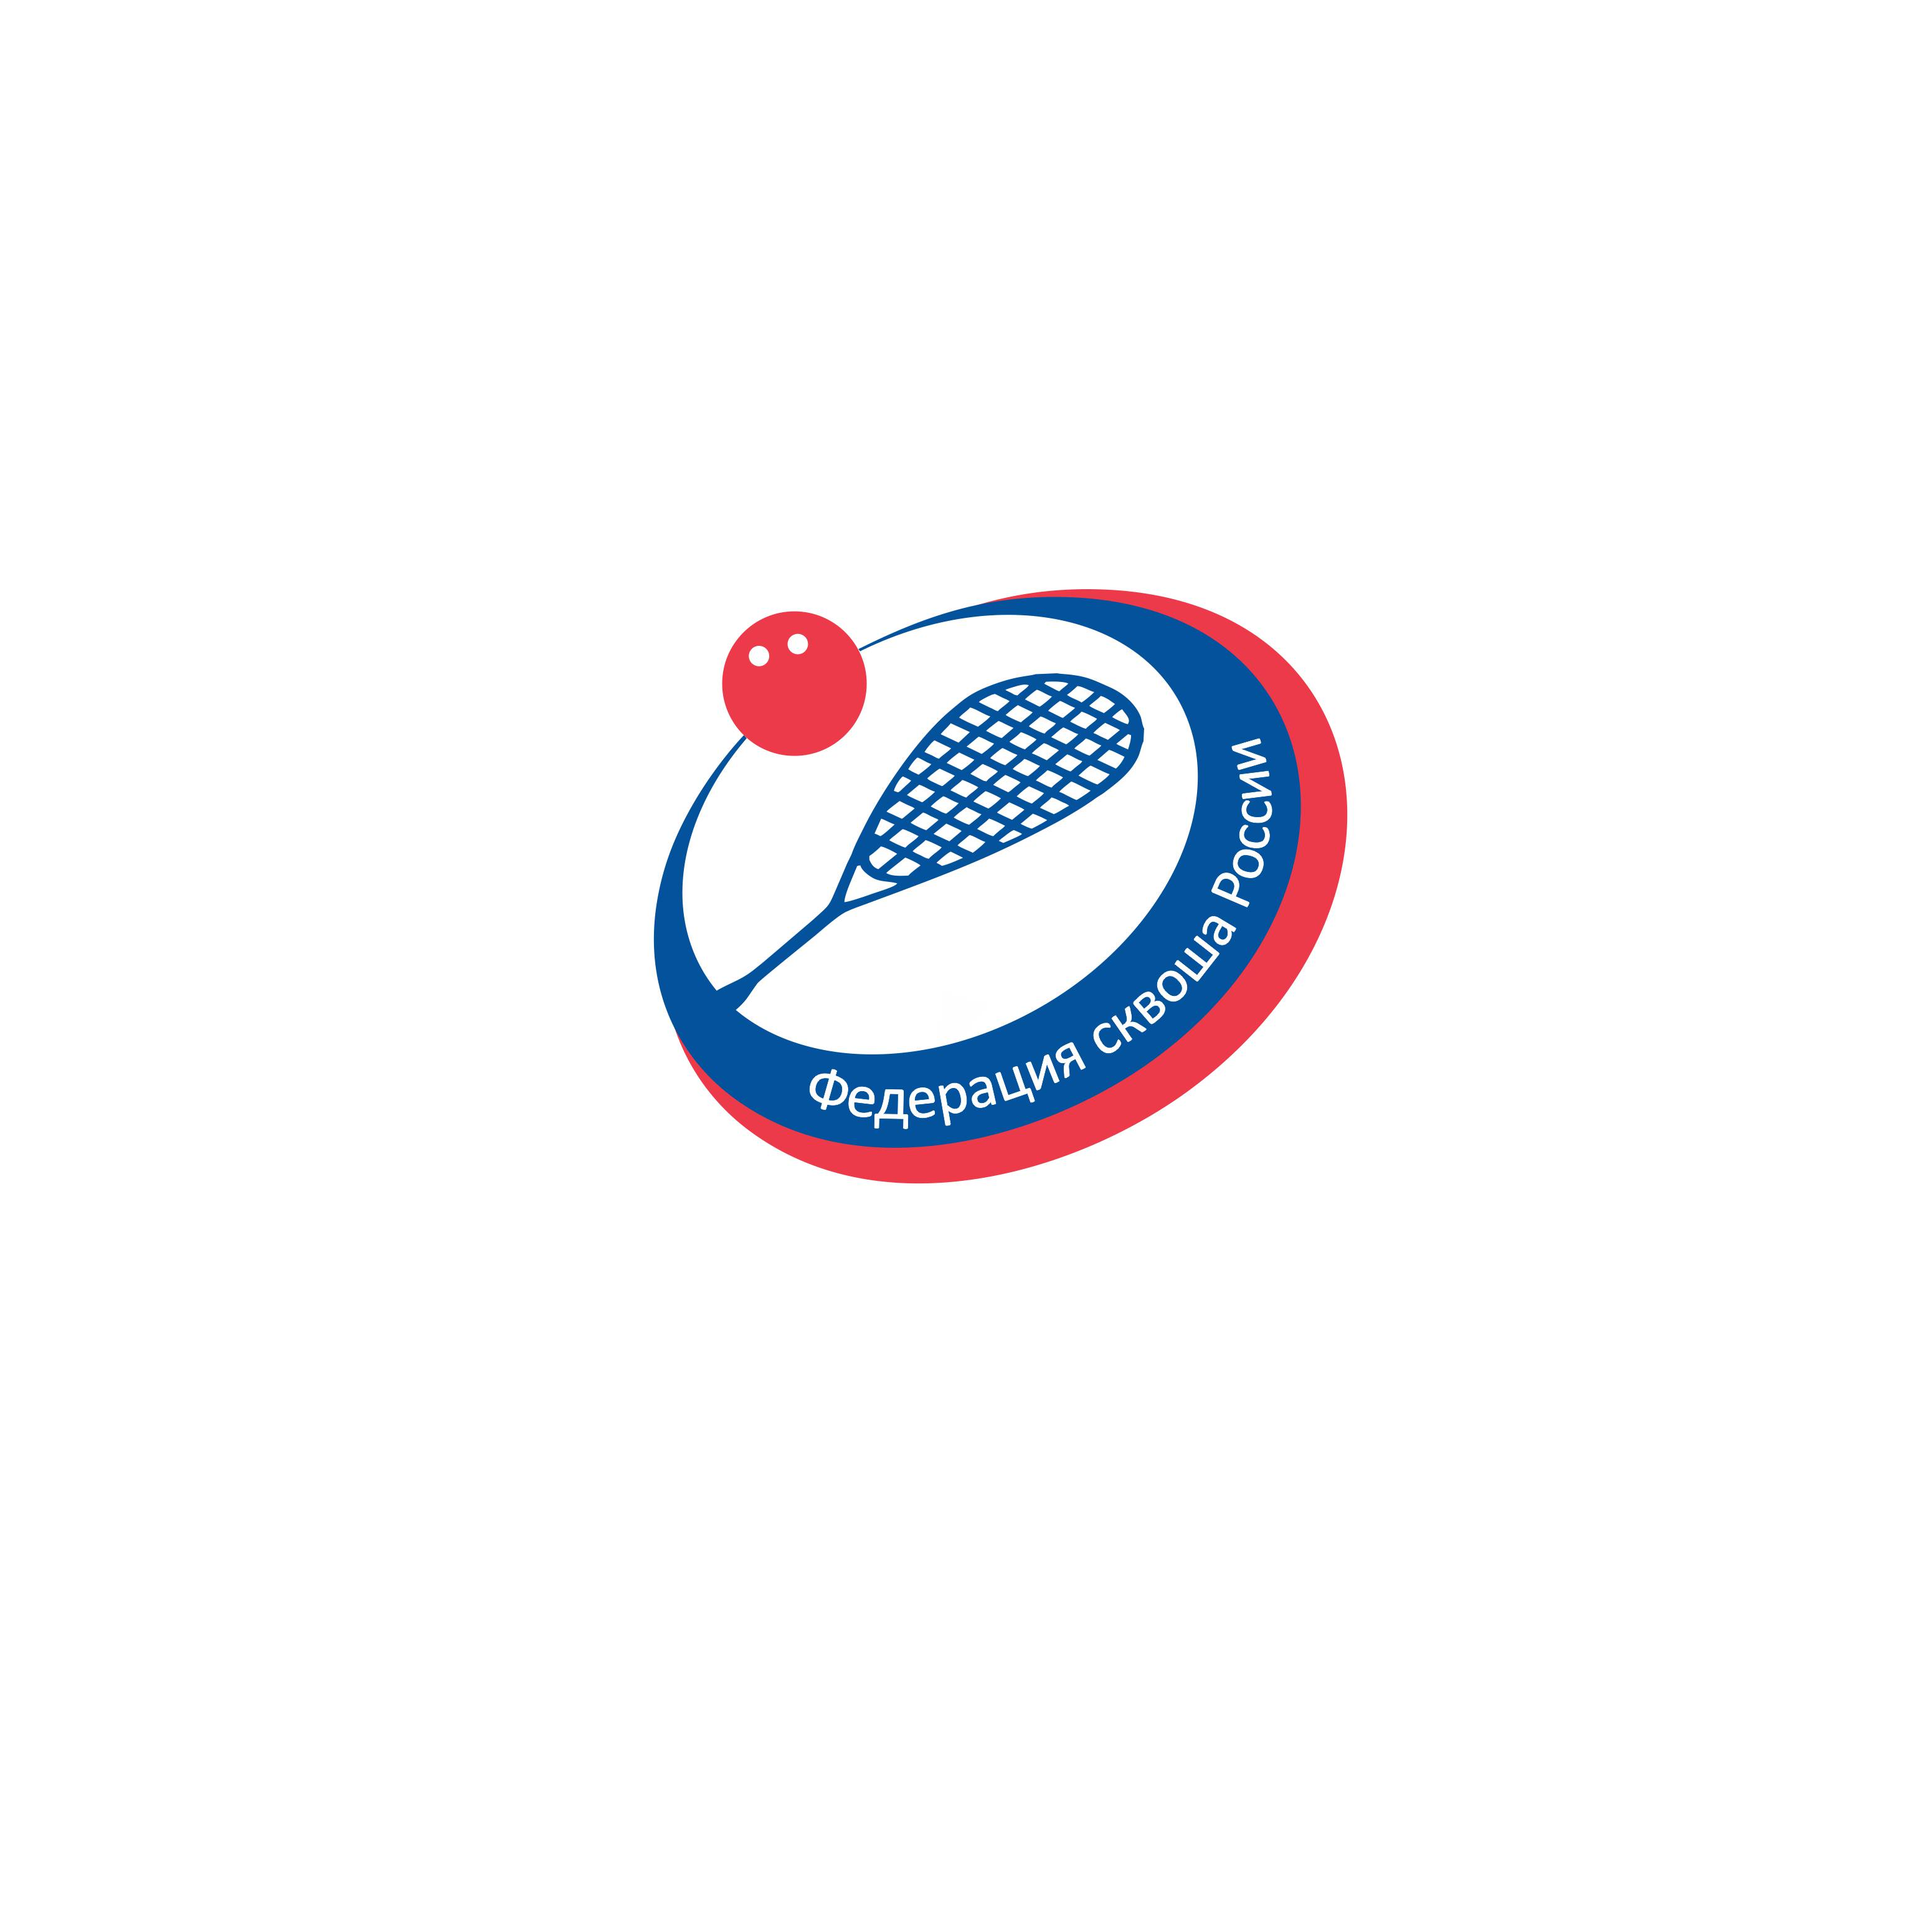 Разработать логотип для Федерации сквоша России фото f_4855f31244660d47.jpg